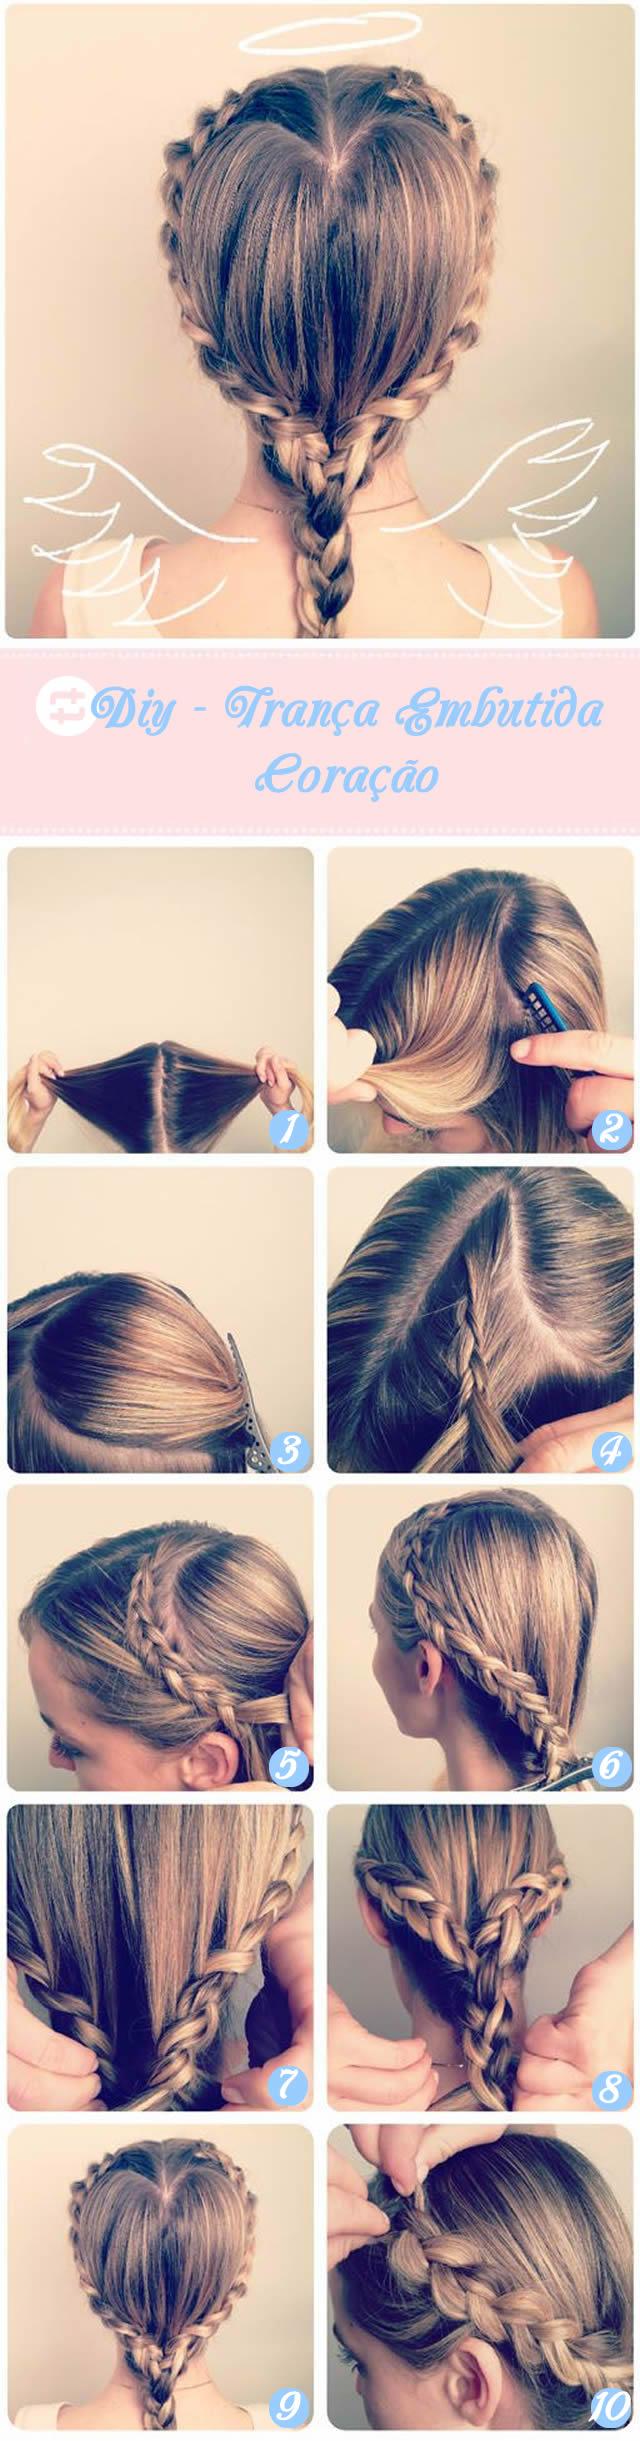 penteados-tranças-4